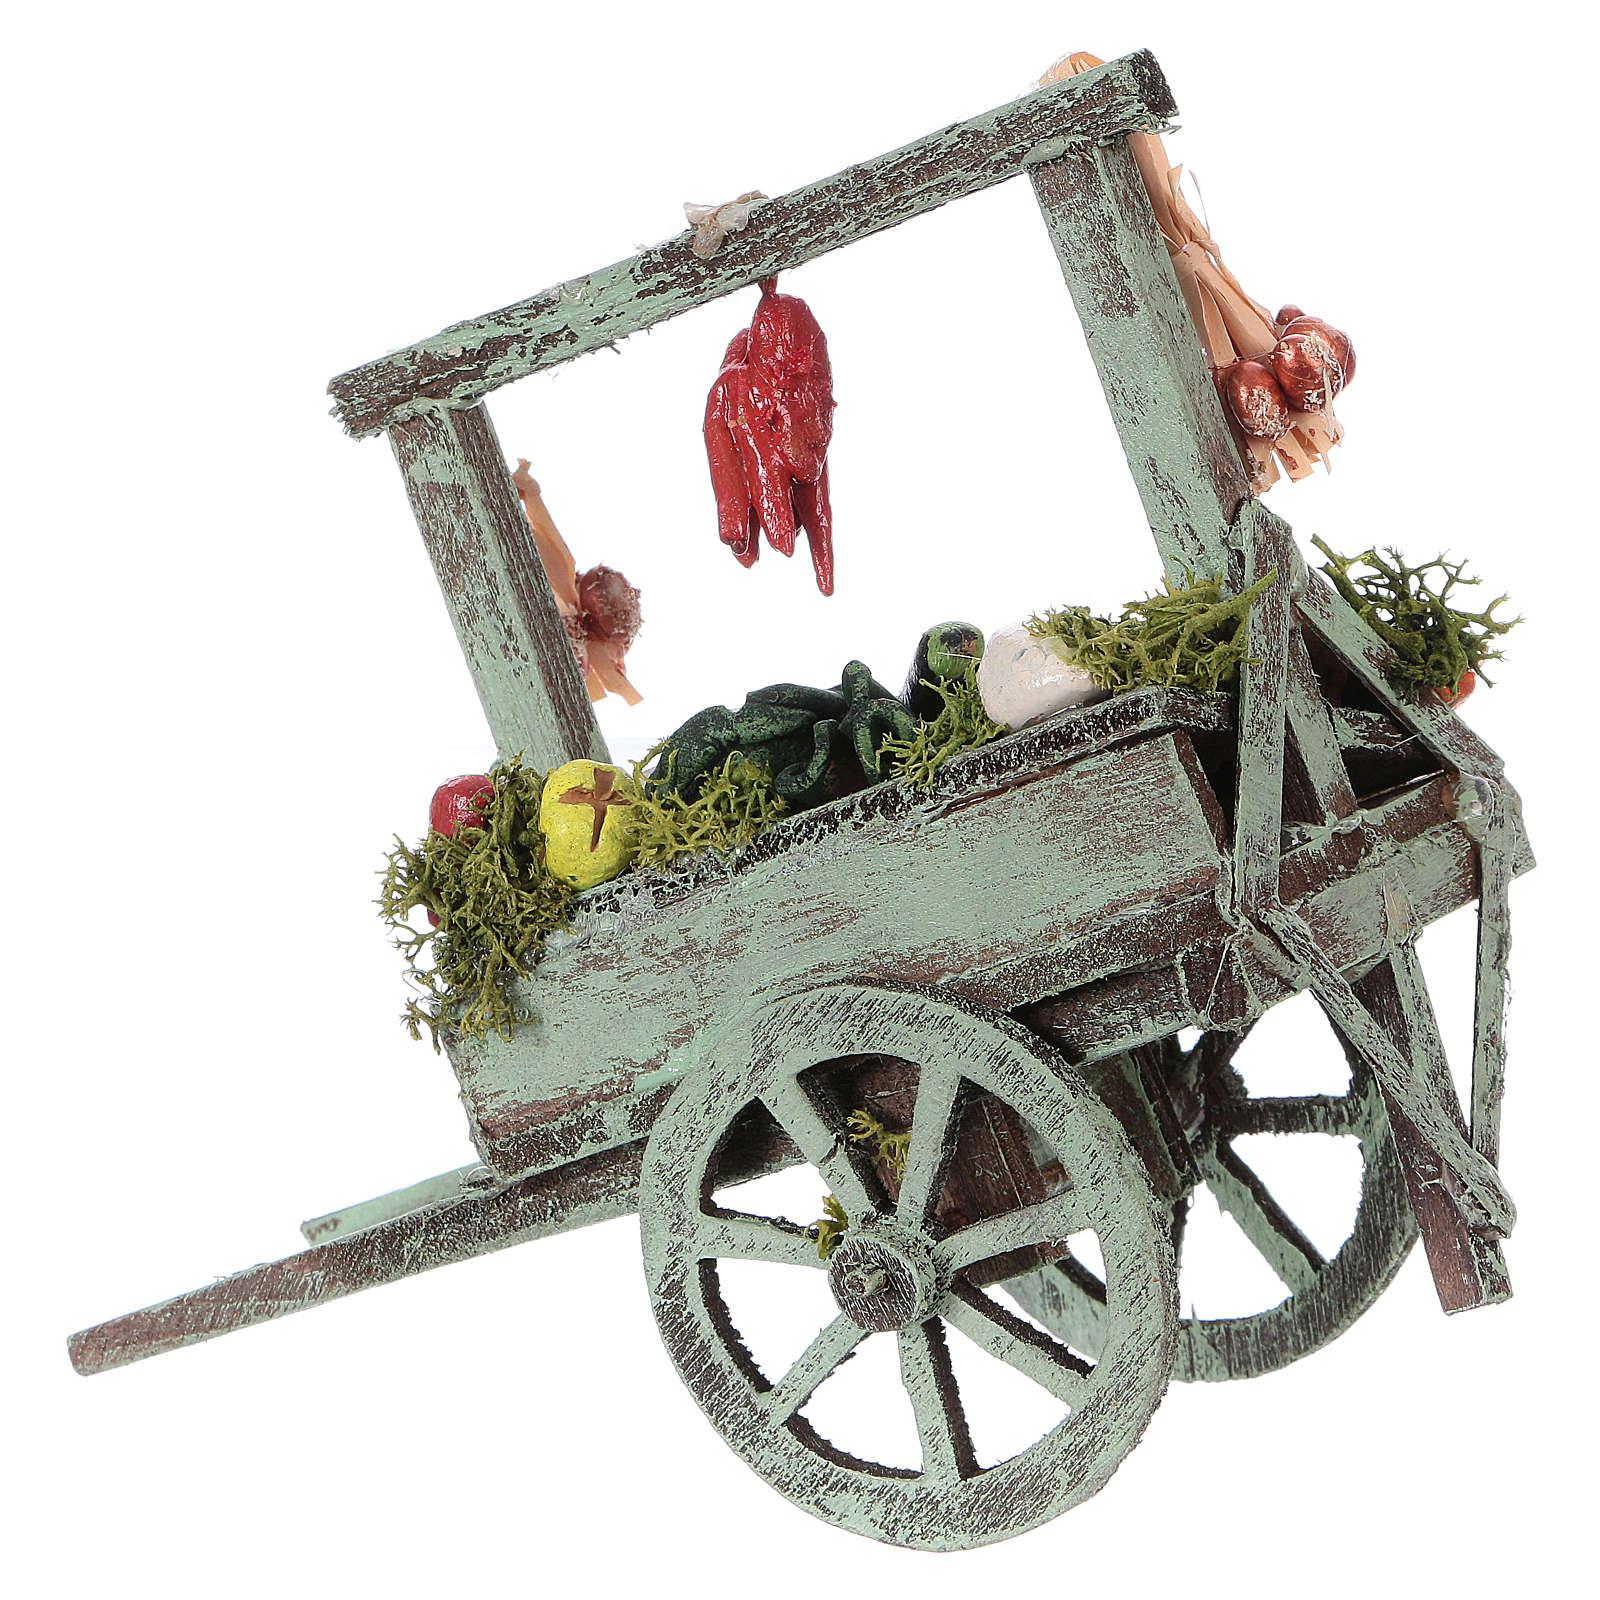 Carro con verdura belén napolitano 15x15x6 cm 4